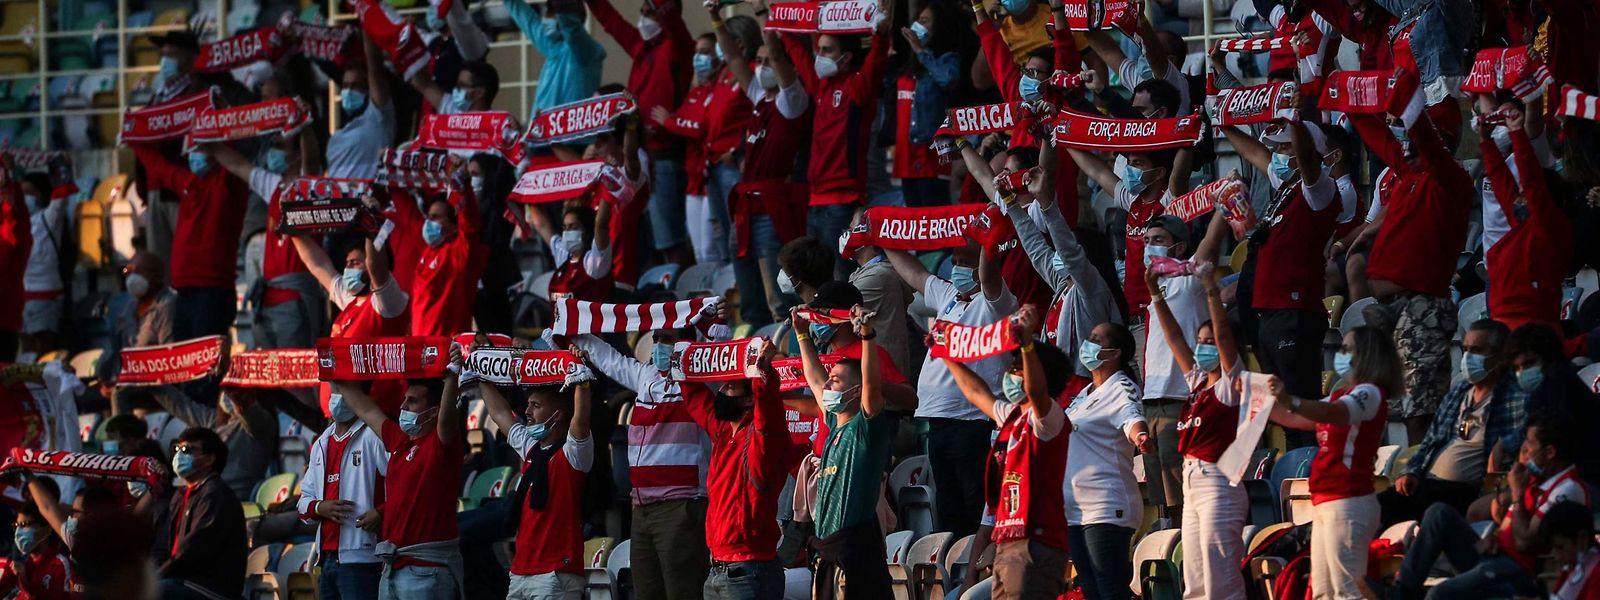 Supertaça: Sporting vs Sporting de Braga